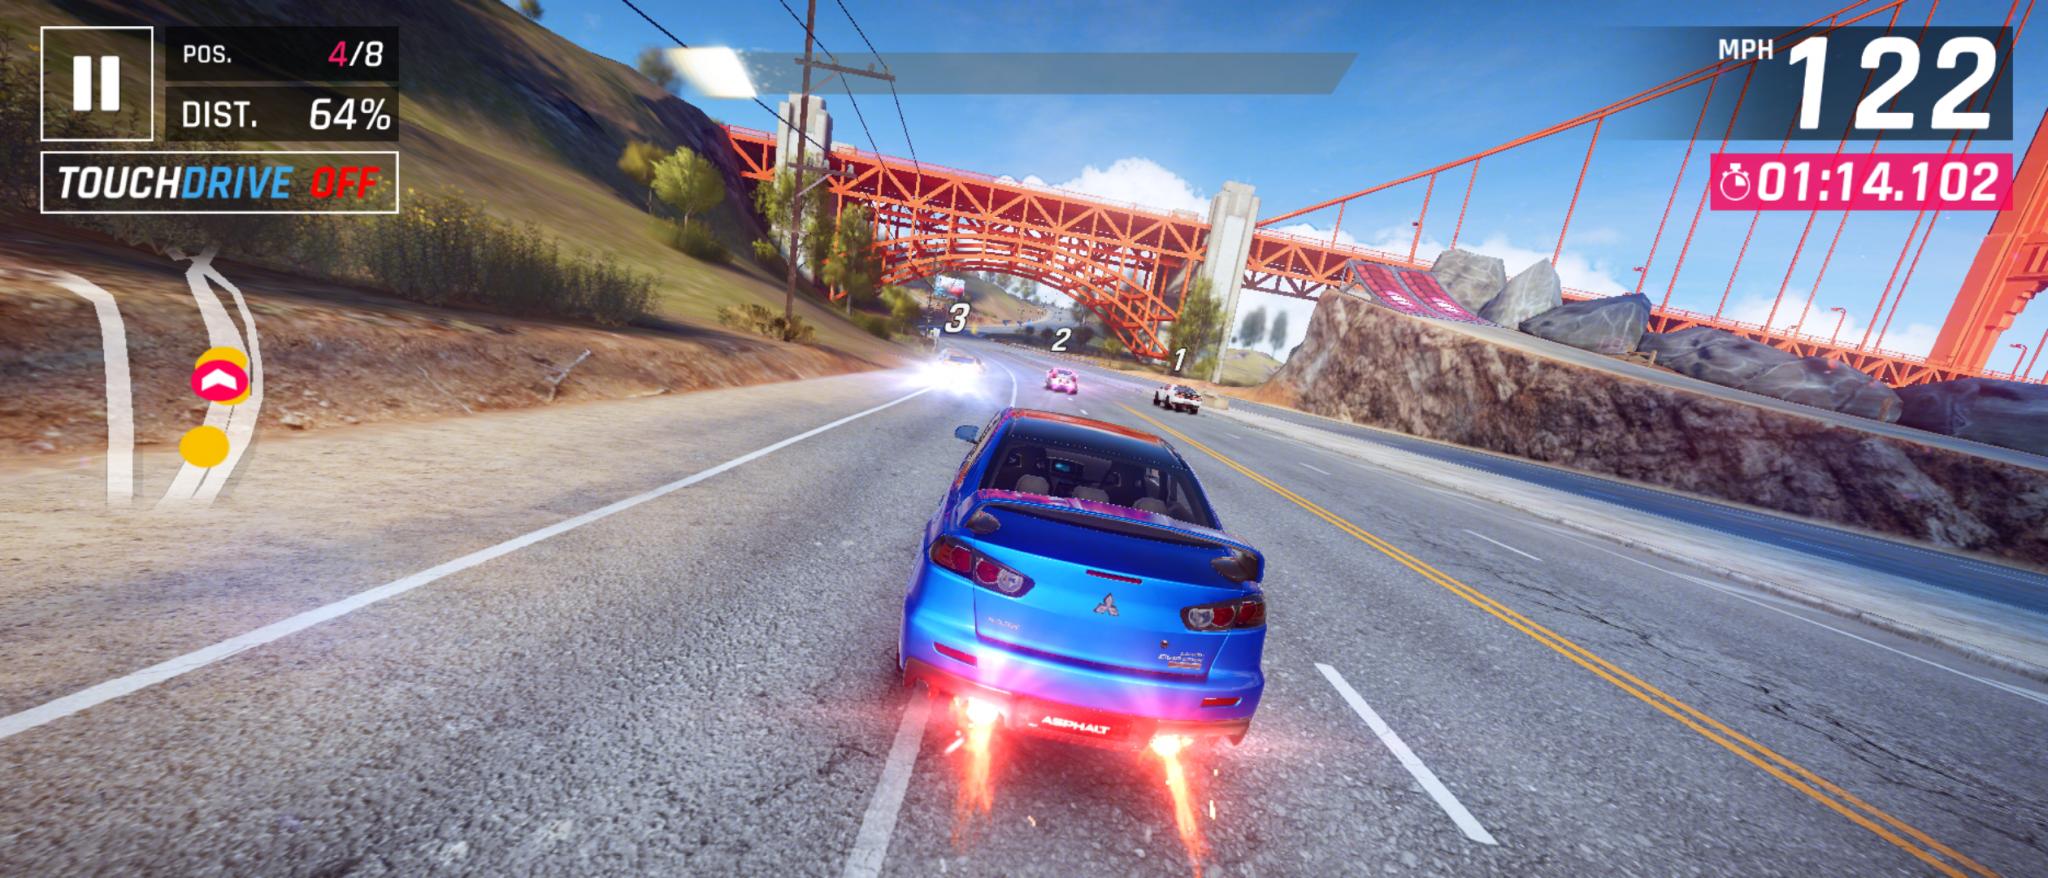 Captura de tela asphalt 9 no moto g 5g plus